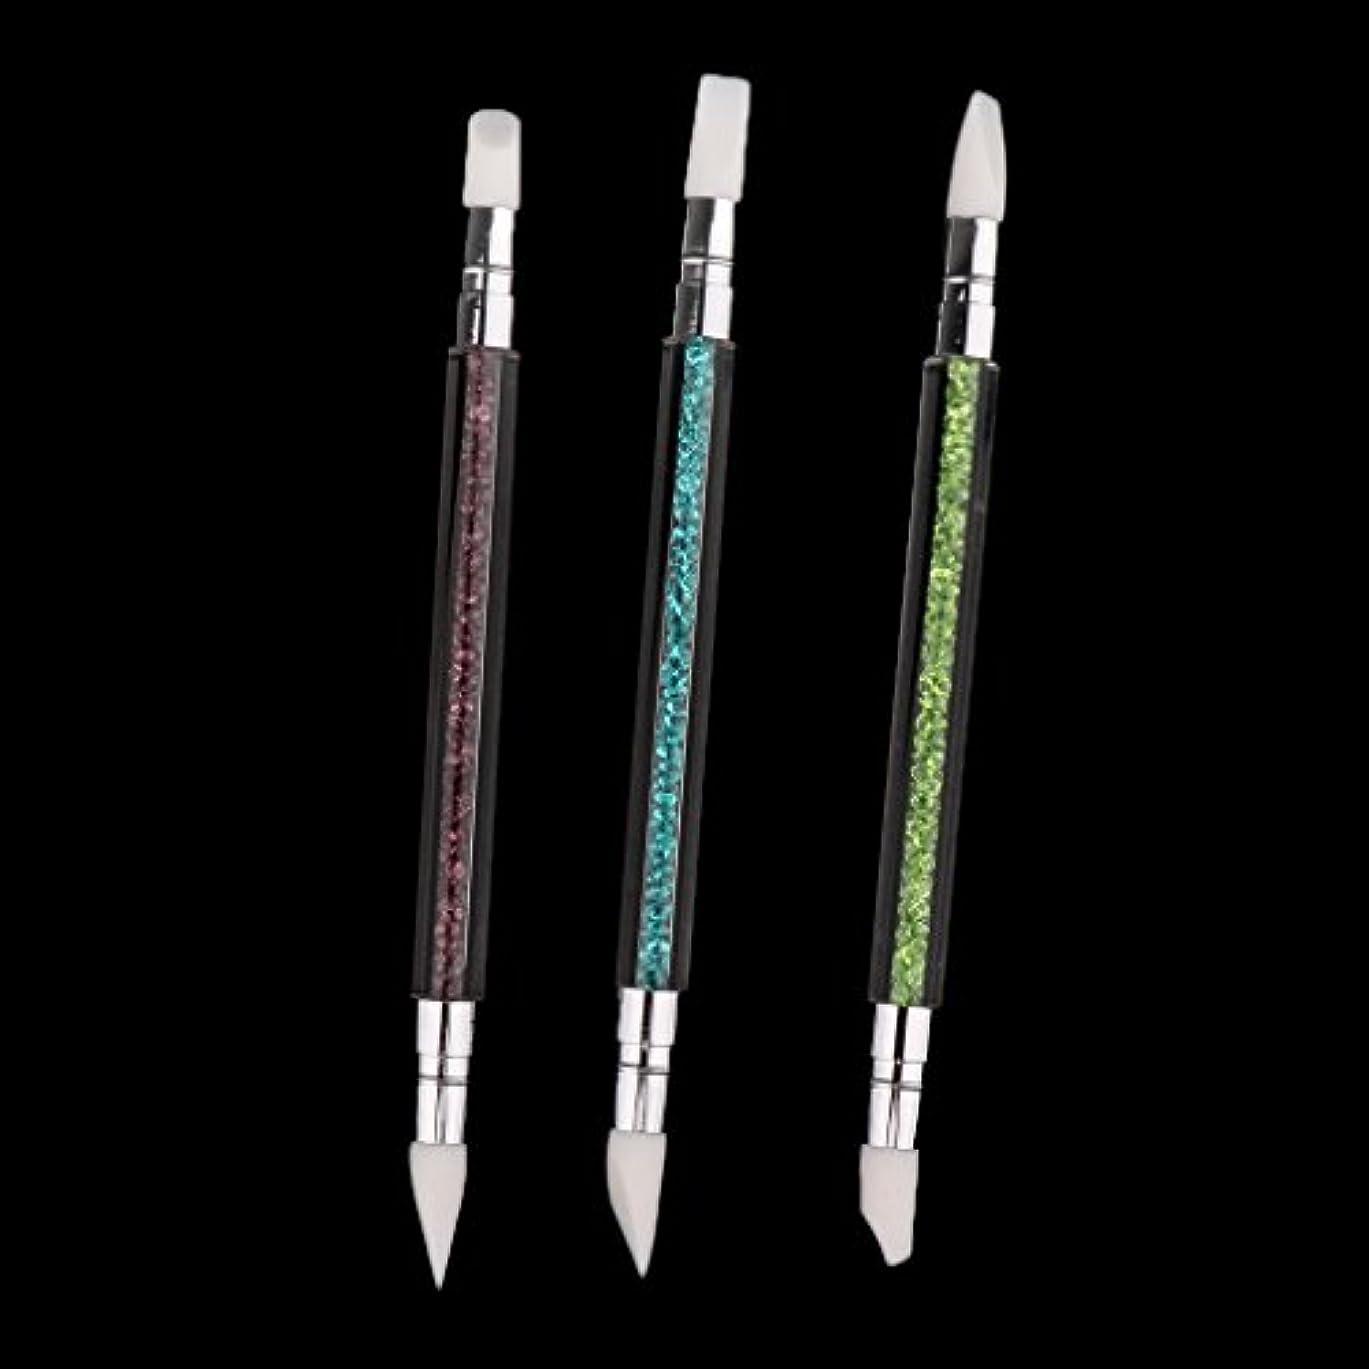 コスト効果的慢なDYNWAVE 3本セット ネイルアート ブラシ 爪用ペン ドットツール クラフト 2way 爪絵画ツール シリコン - 3本セット